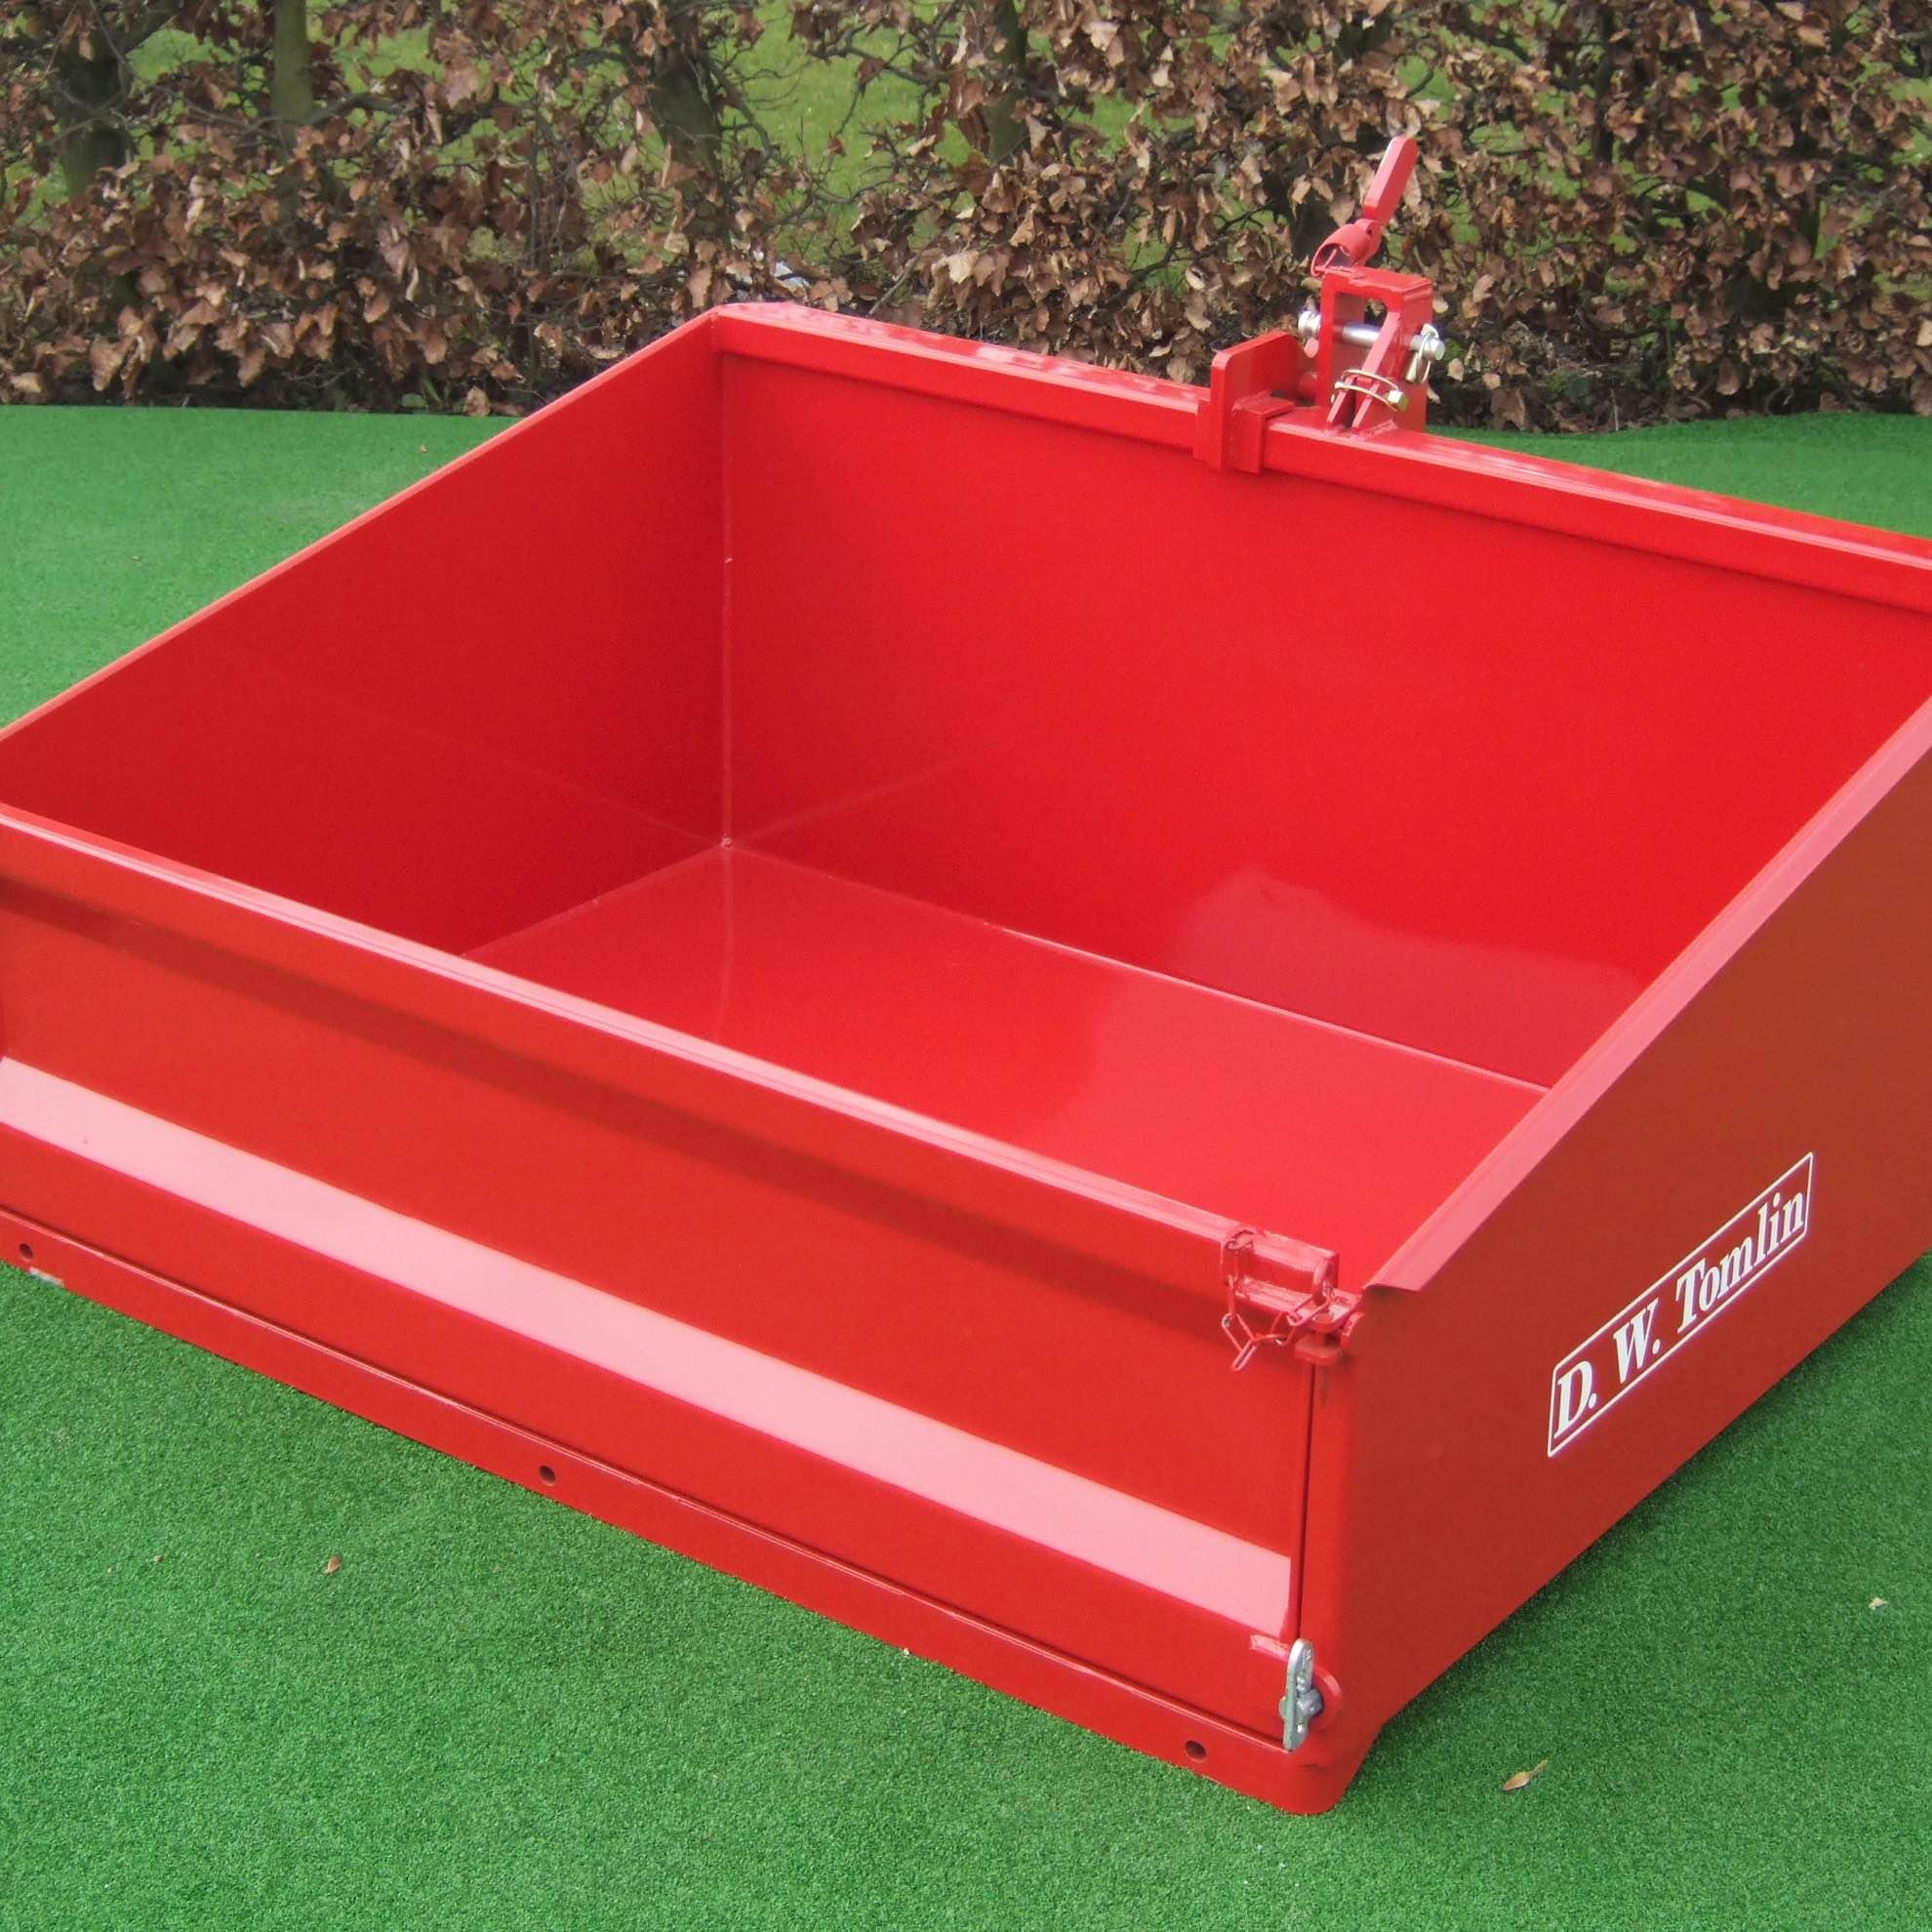 D.W. Tomlin Transport Box